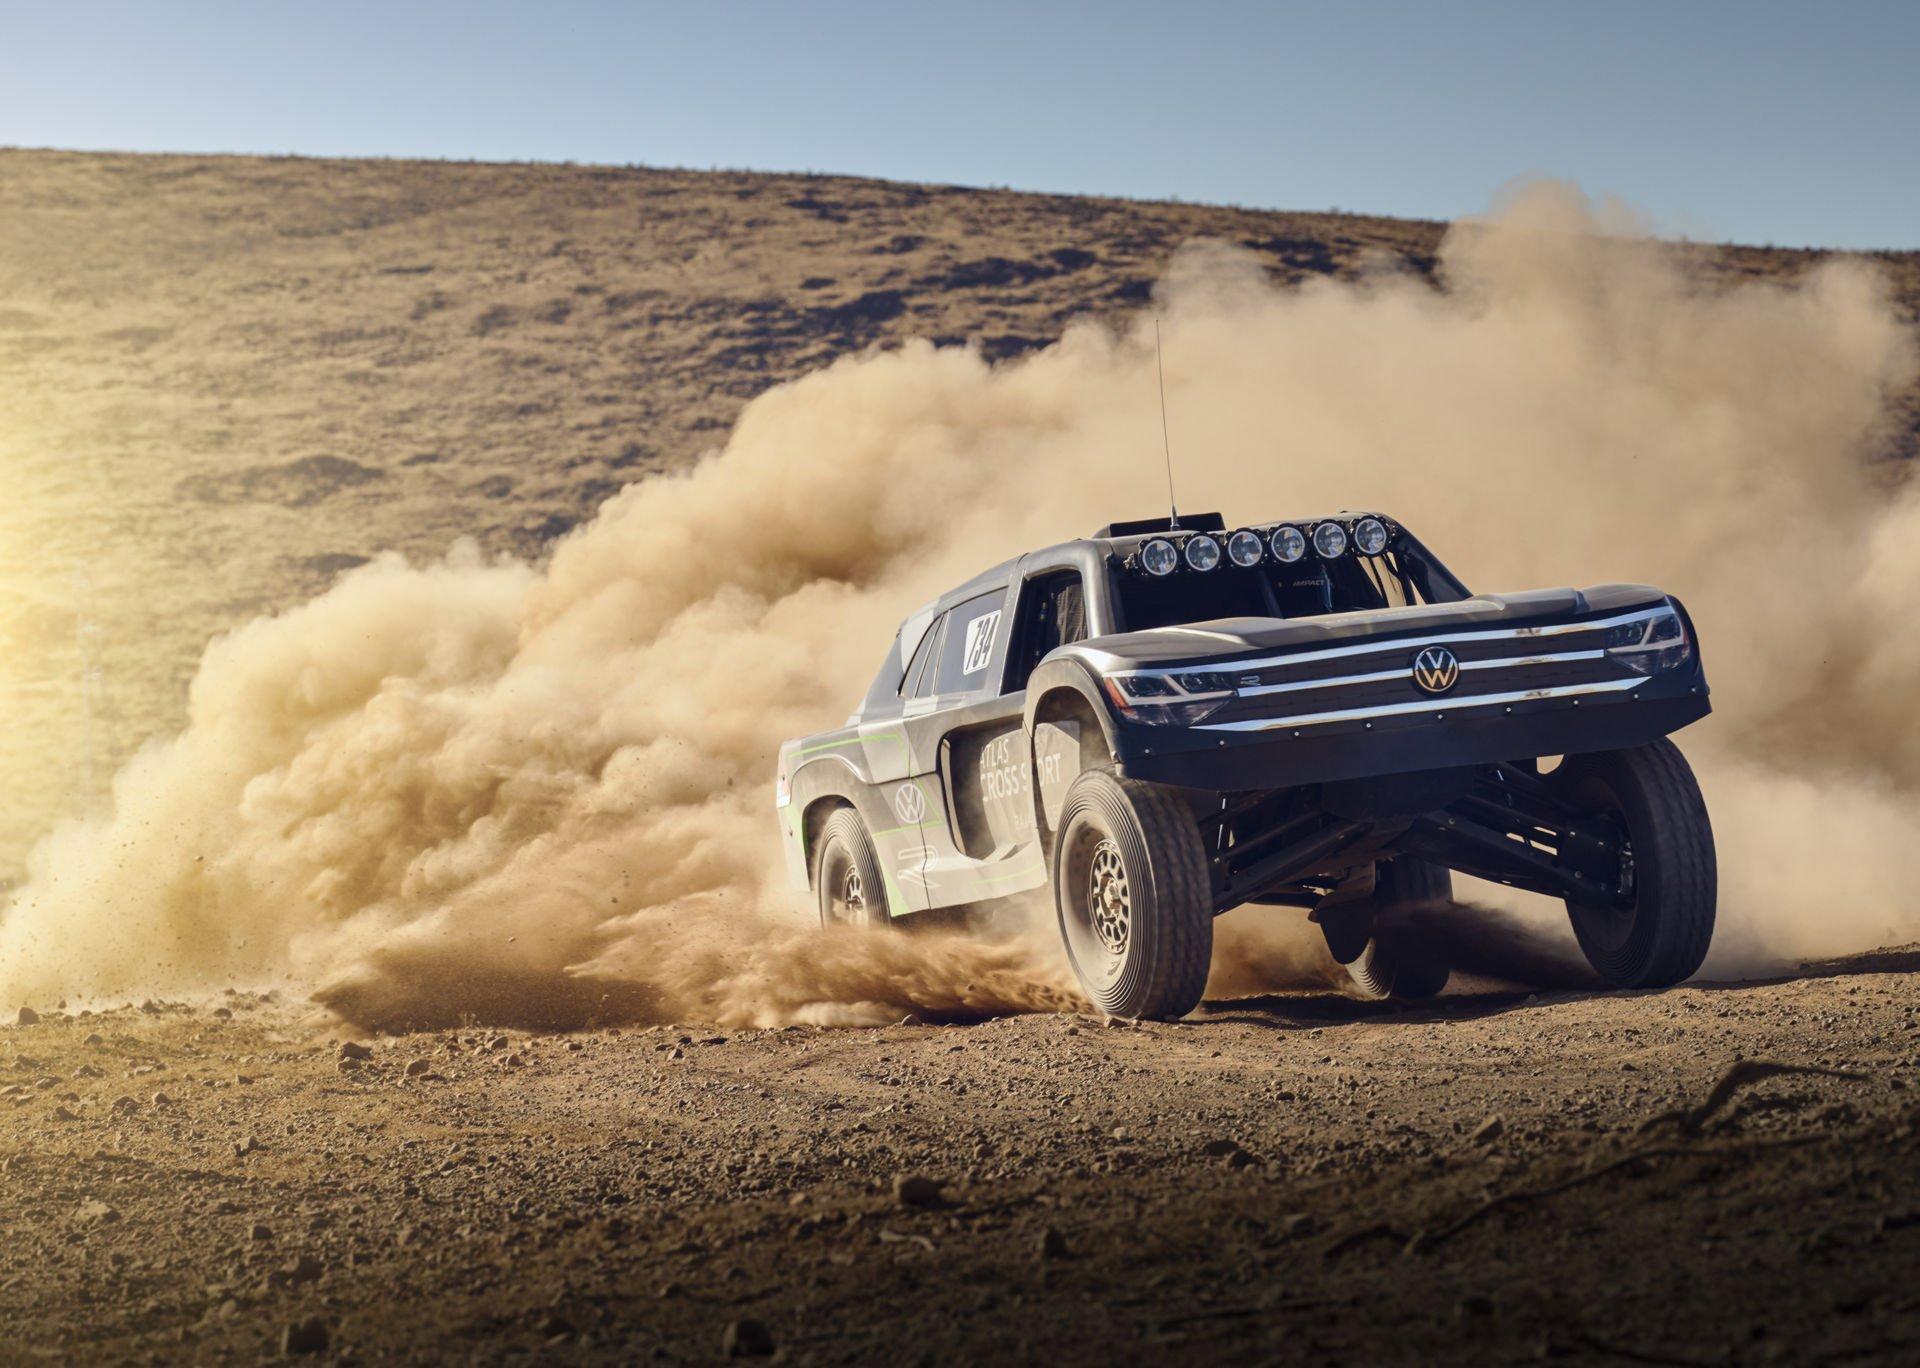 Volkswagen-Atlas-Cross-Sport-Baja-Concept-6